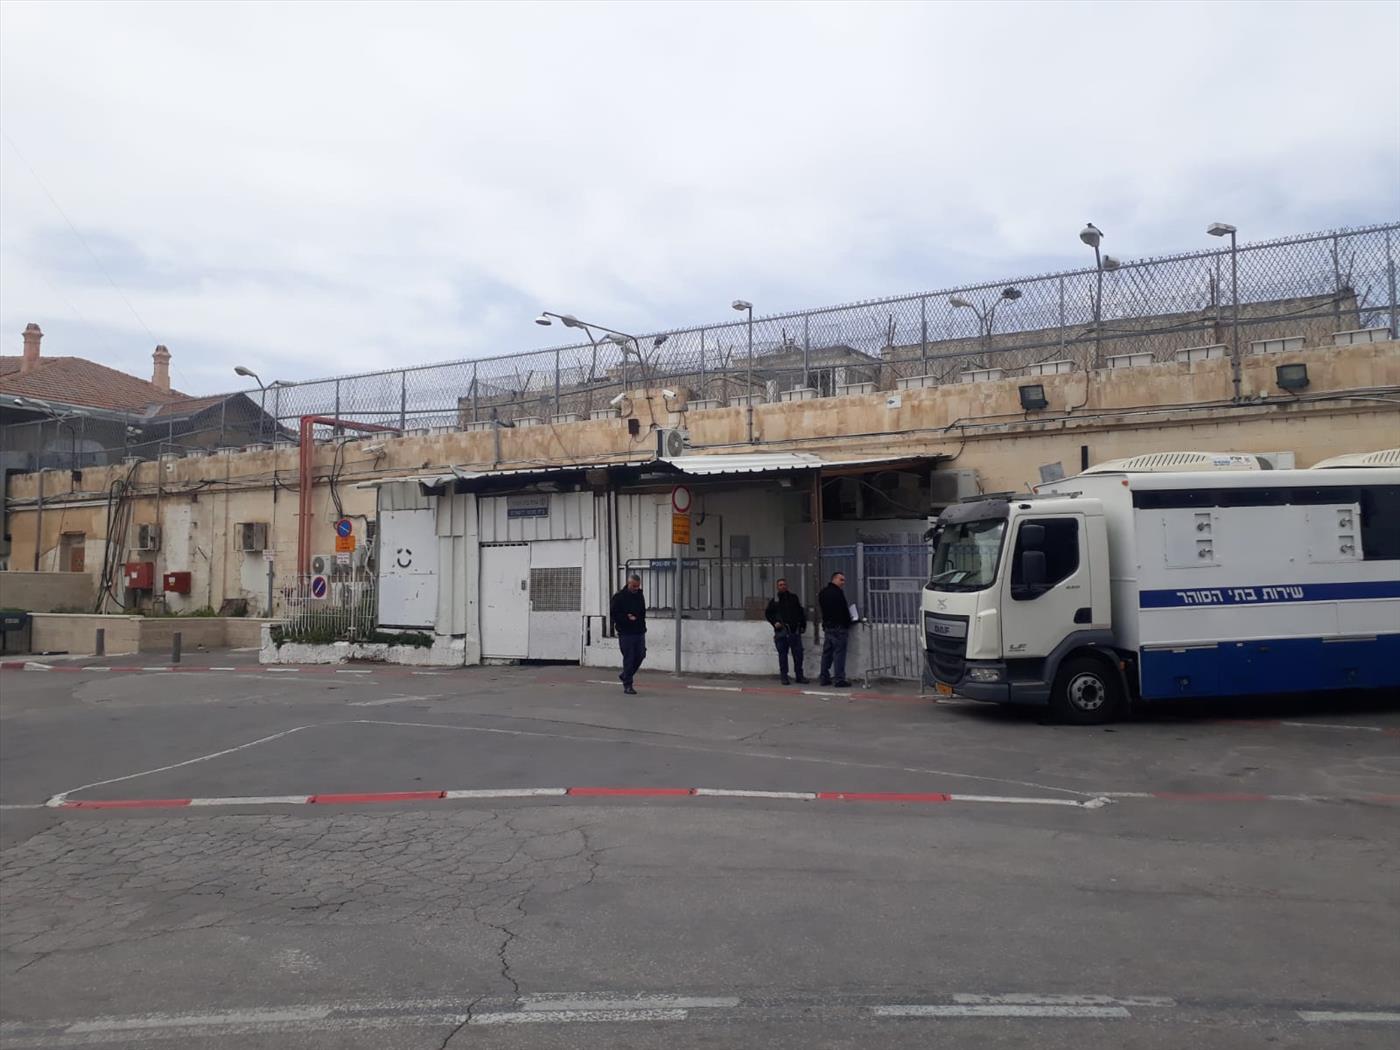 בית מעצר. ארכיון (צילום: דוד אור שחר)